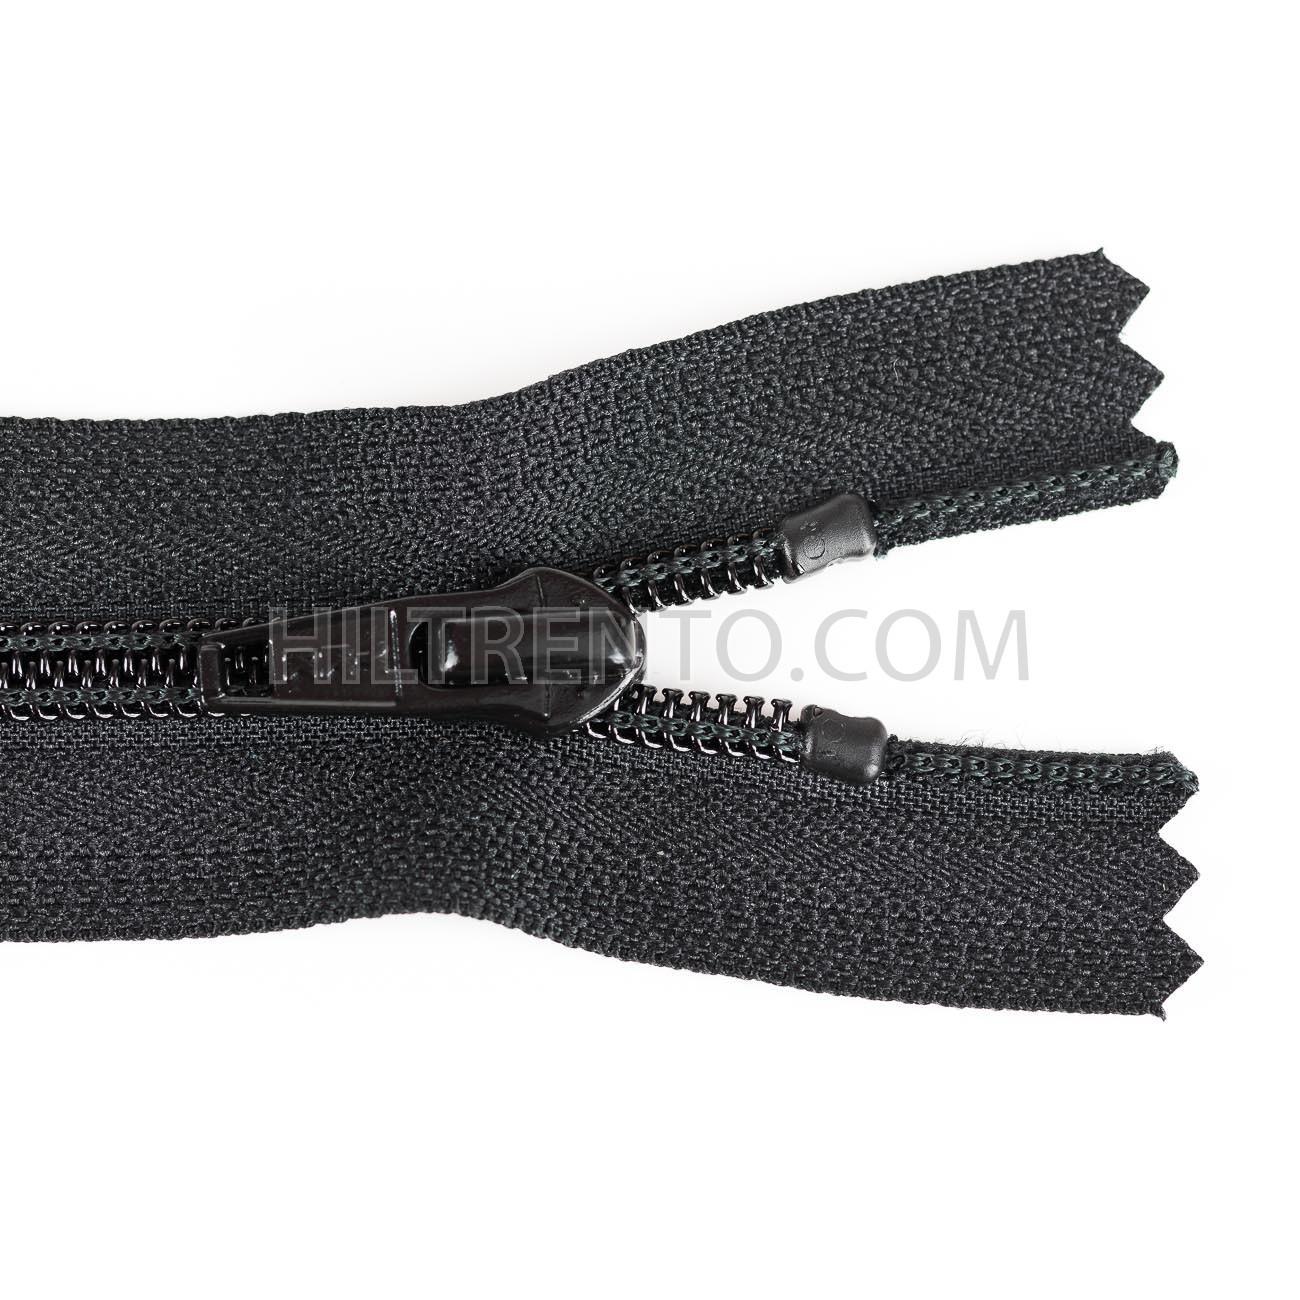 Negro zipworld 5/unidades cremallera pl/ástico//pl/ástico cremalleras con dientes de mittelgroben divisible 5/mm 30 cm